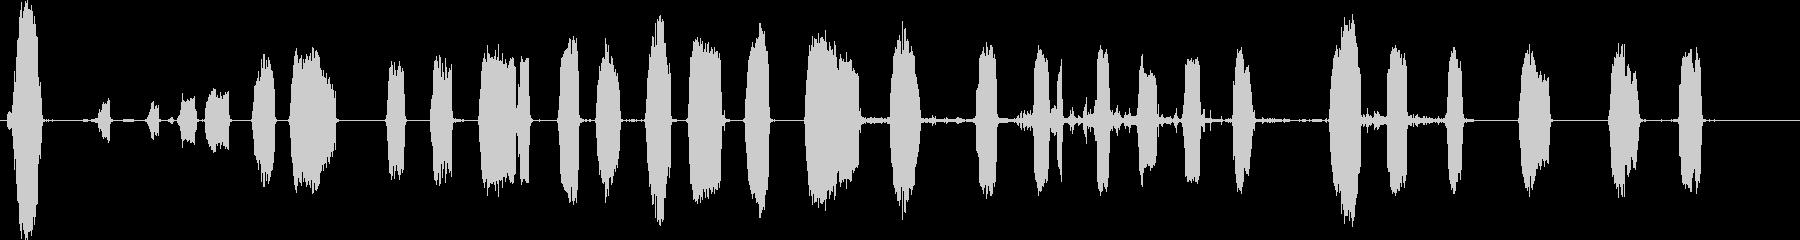 ヤギブリート、エールズ。複数のブリ...の未再生の波形